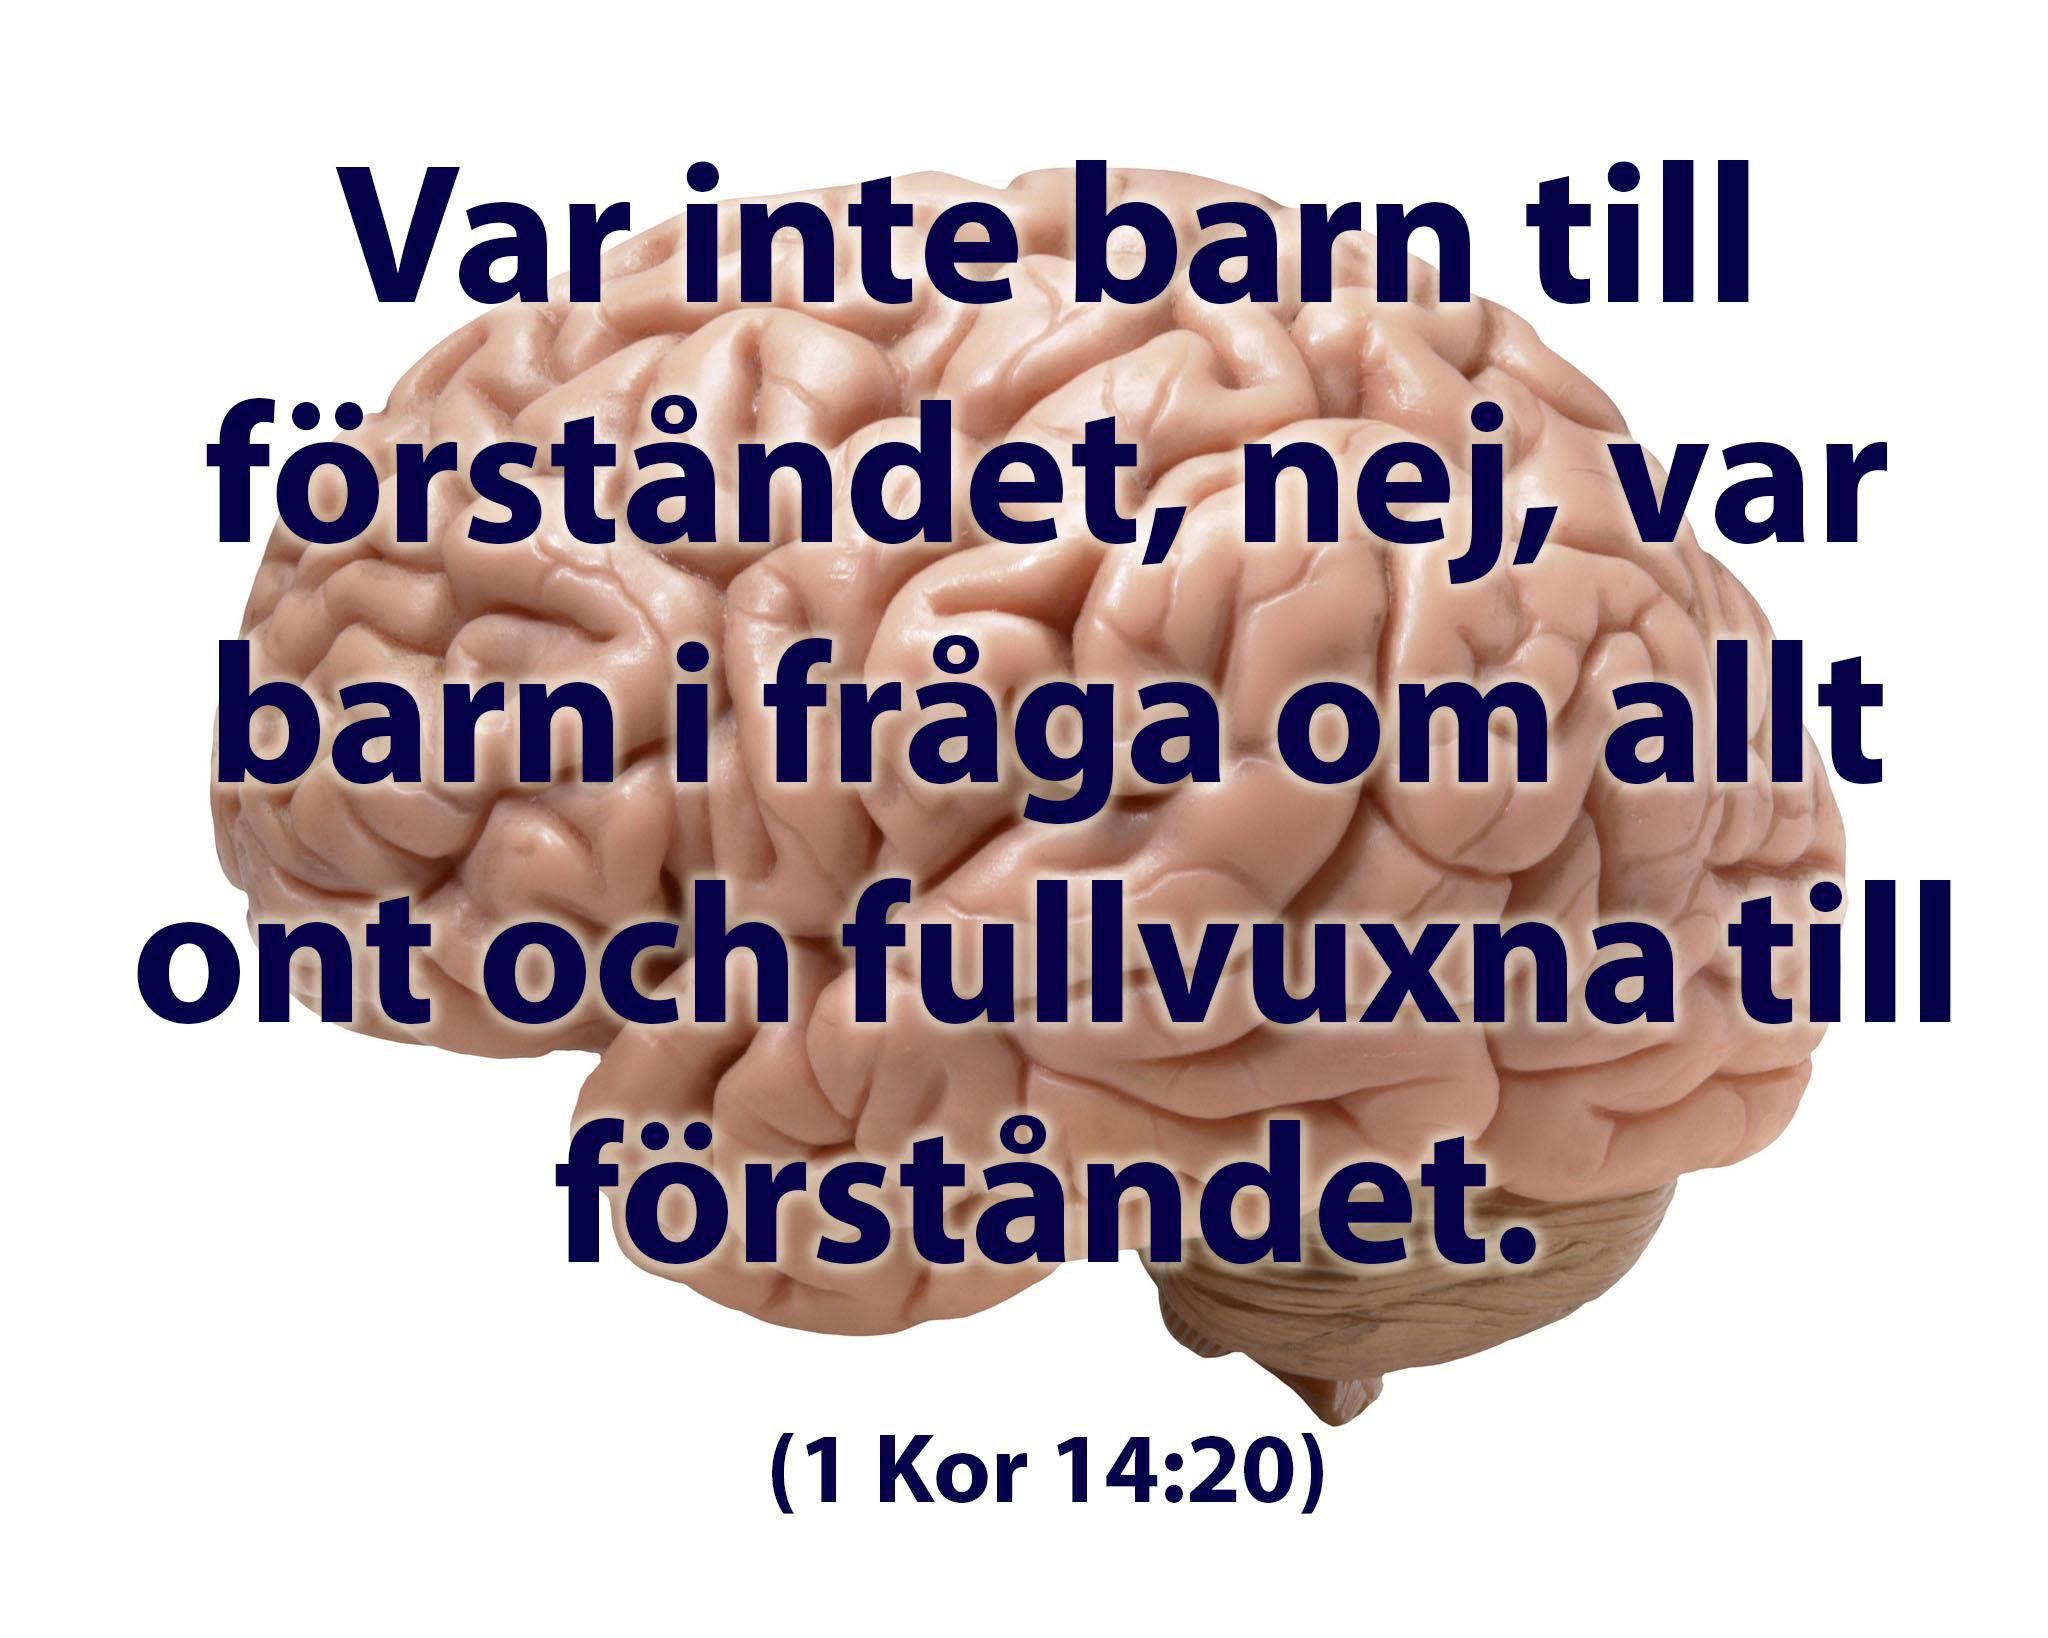 Texten var inte barn till förståndet, nej, var barn i fråga om allt ont och fullvuxna till förståndet. (1 Kor 14:20) framför bilden av en hjärna.